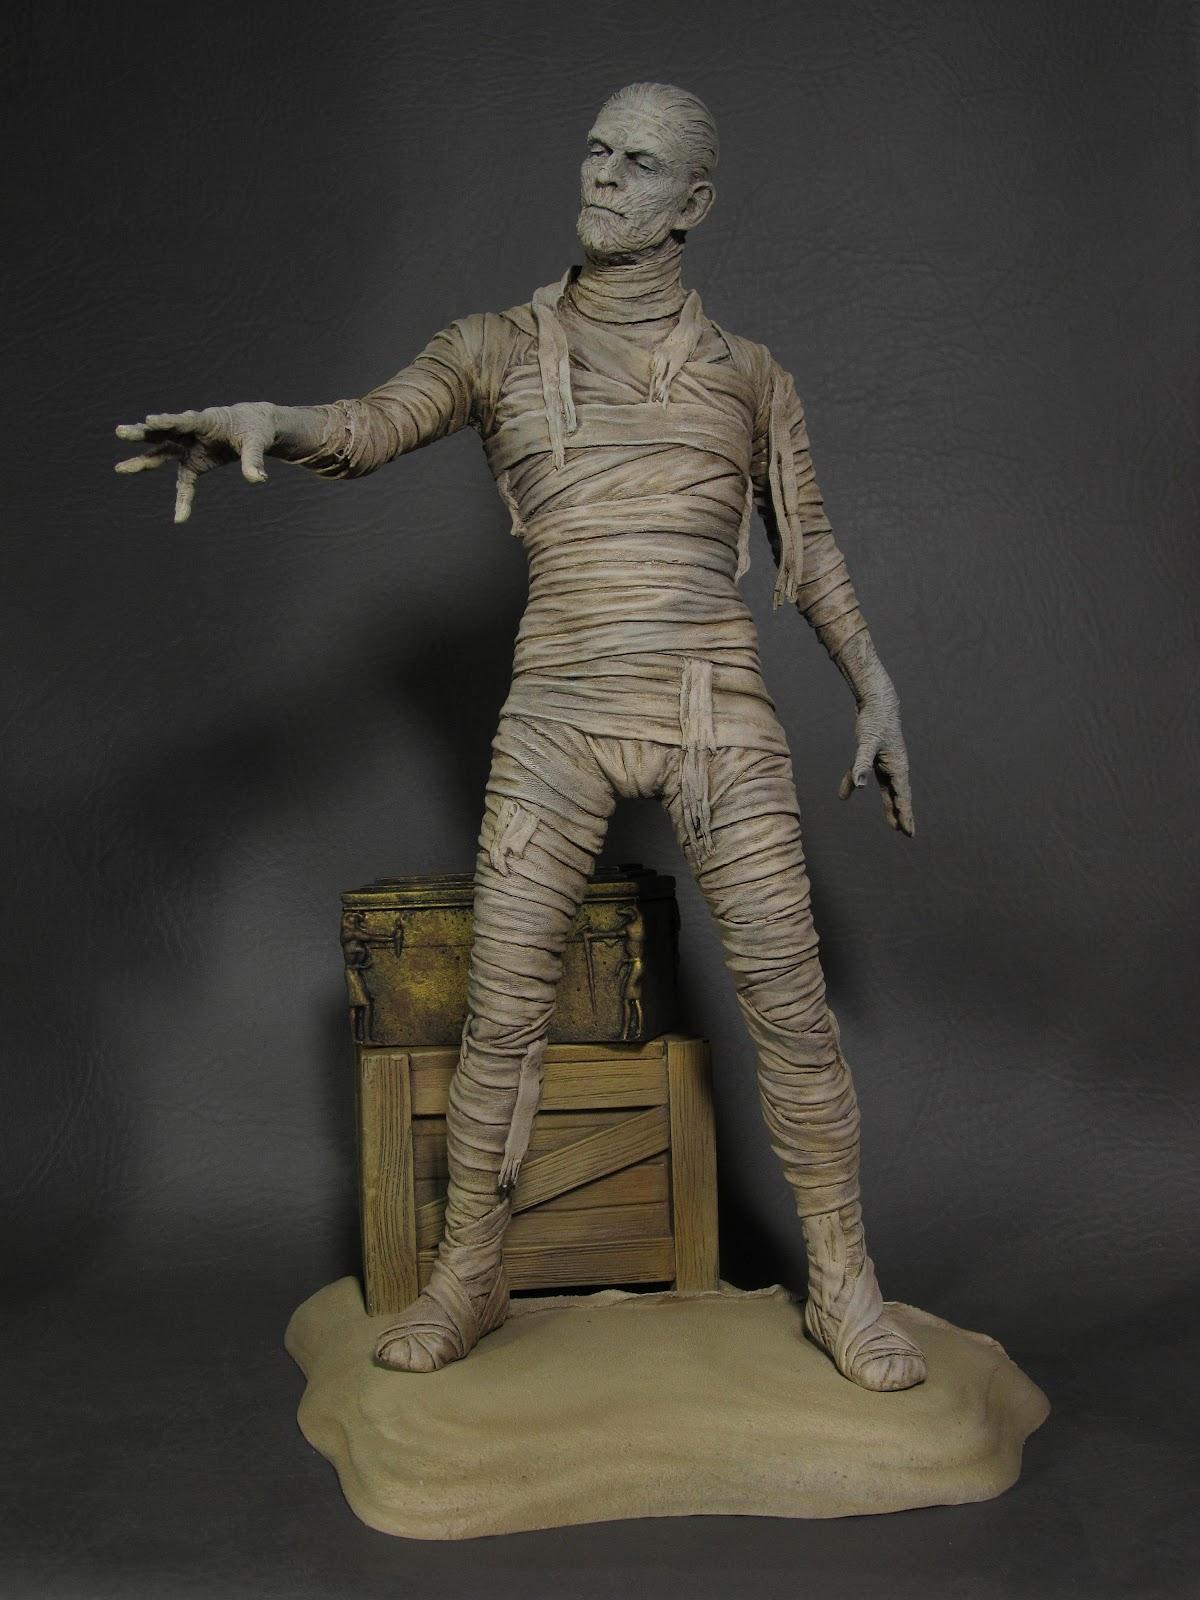 SWRiojas: The Mummy